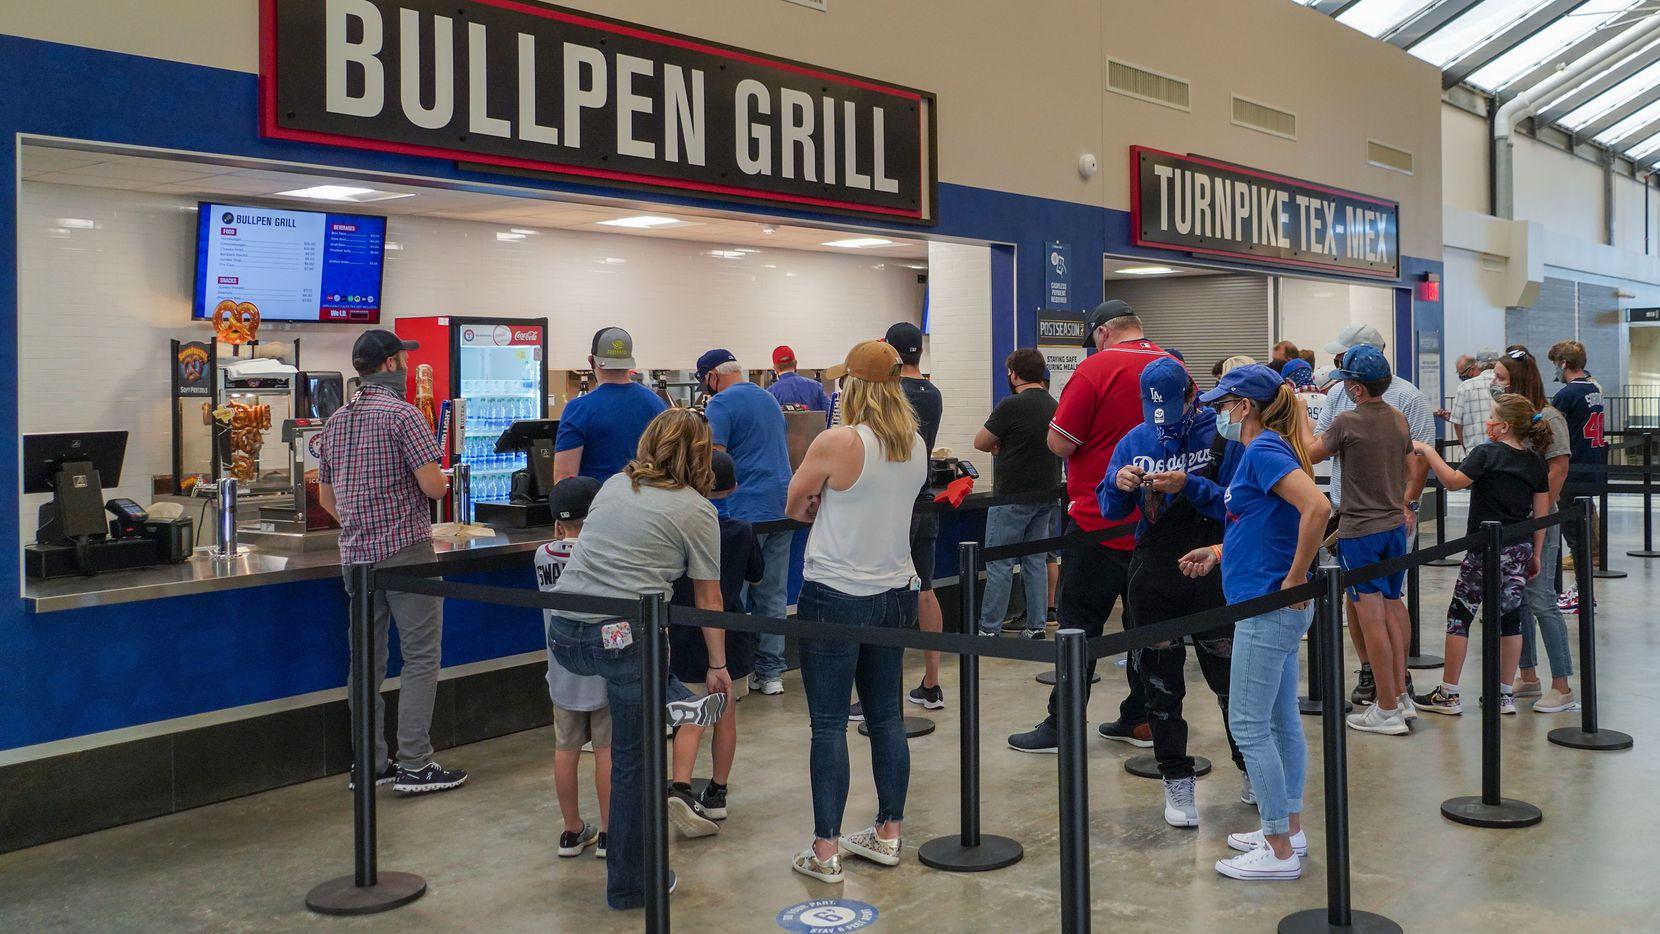 Todas las compras en los puestos de comida y tiendas de artículos dentro del Globe Life Field deberán hacerse con tarjetas de crédito o débito.